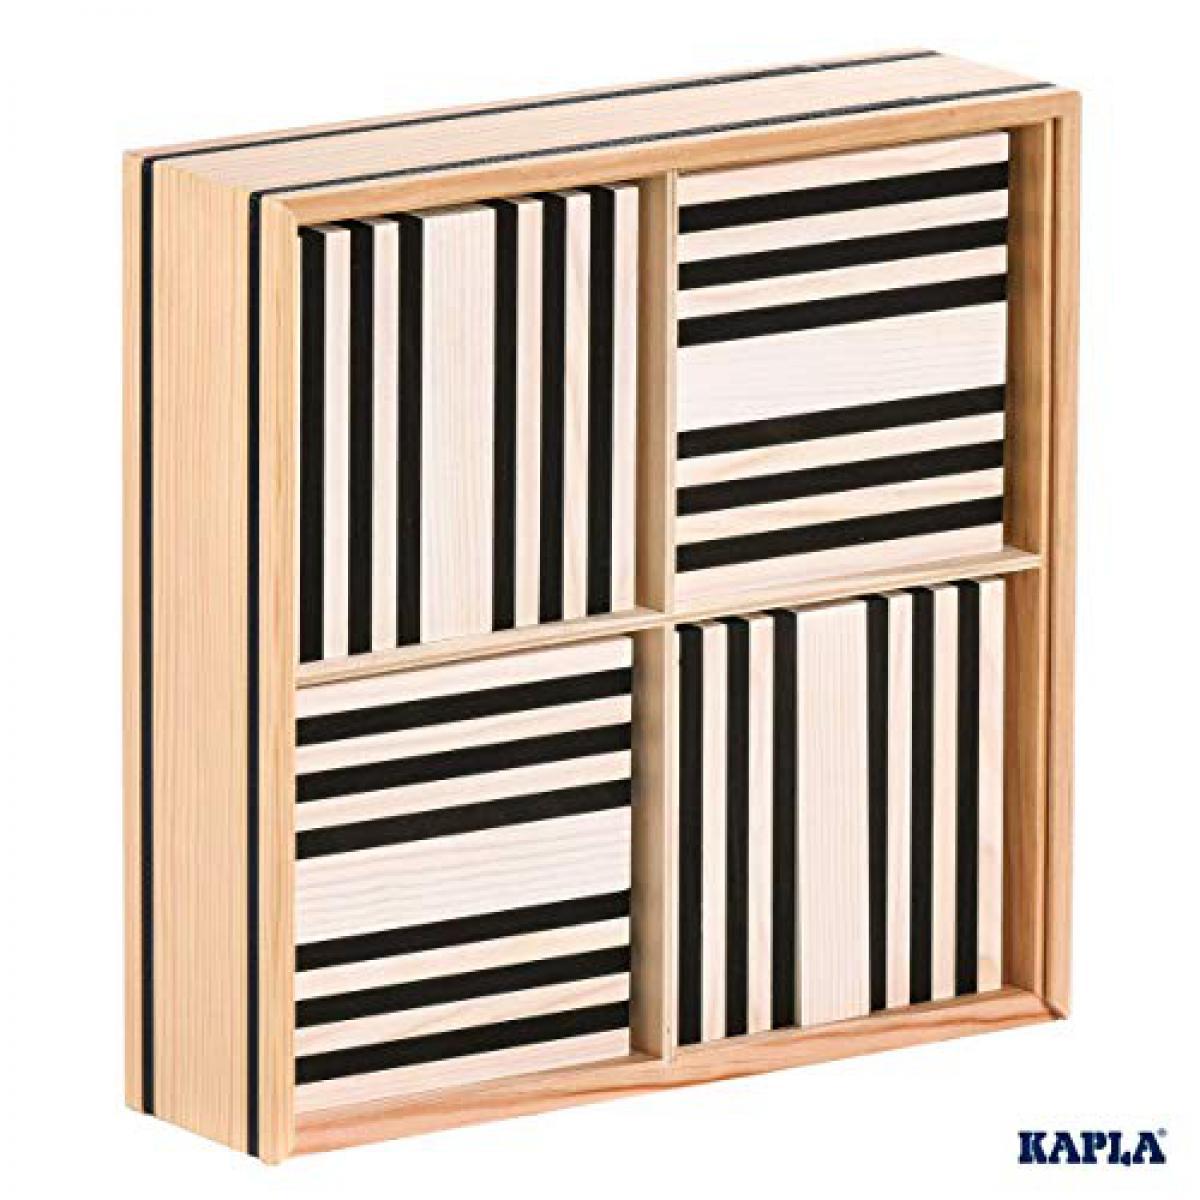 Kapla La planchette magique Kapla Boite 100 pieces Noir et Blanc